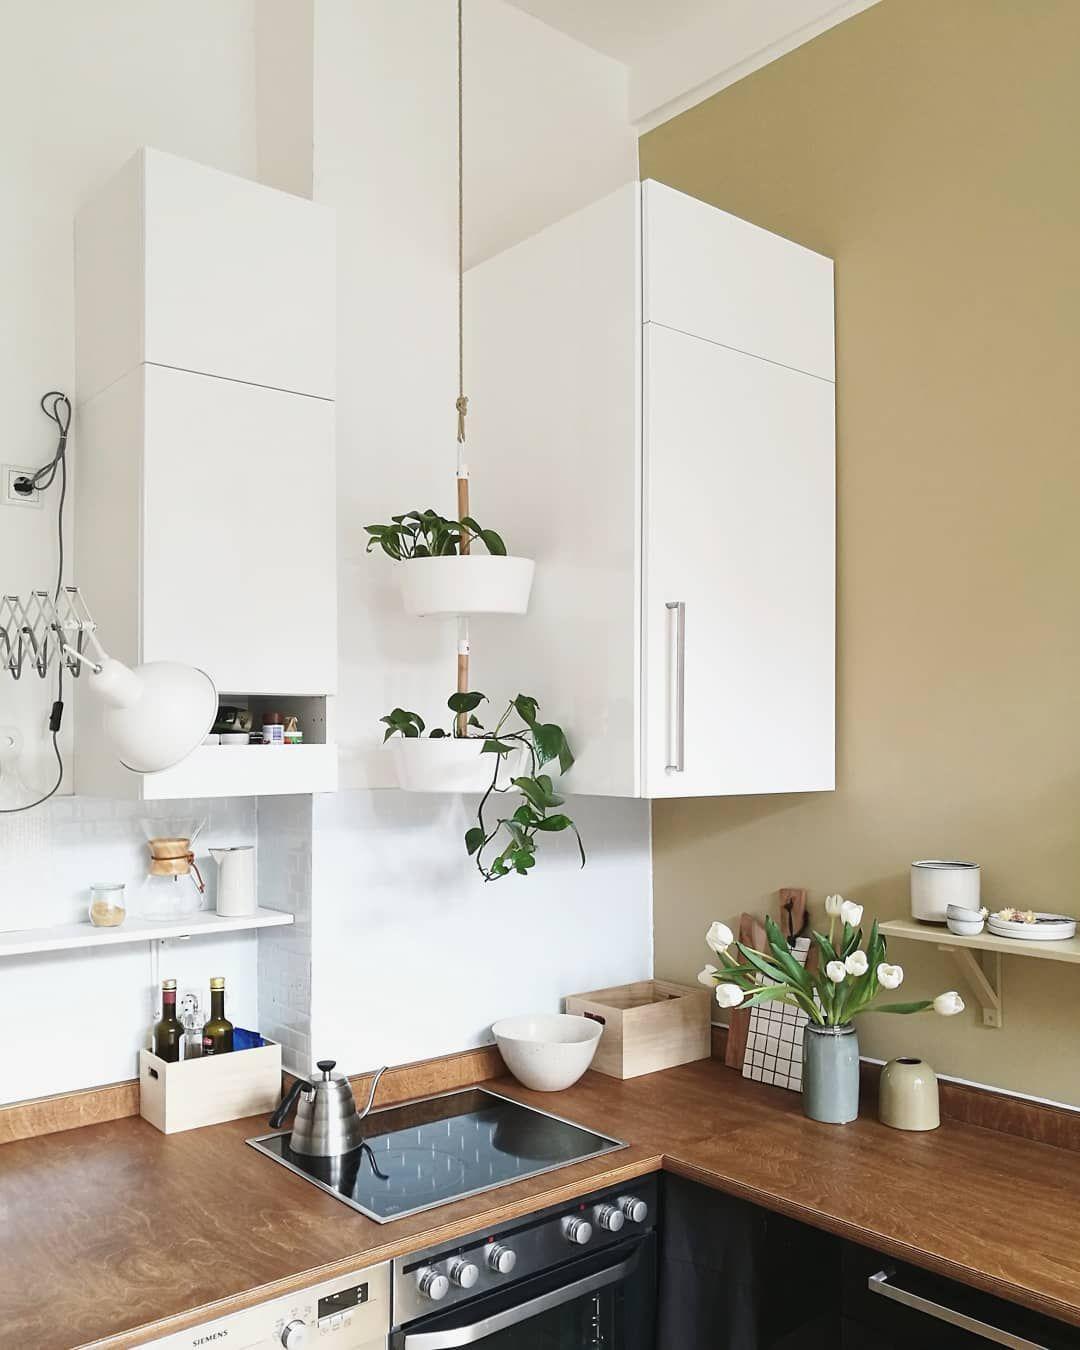 Küche gestalten mit wenig Geld: Das sind die schönsten Ideen ...